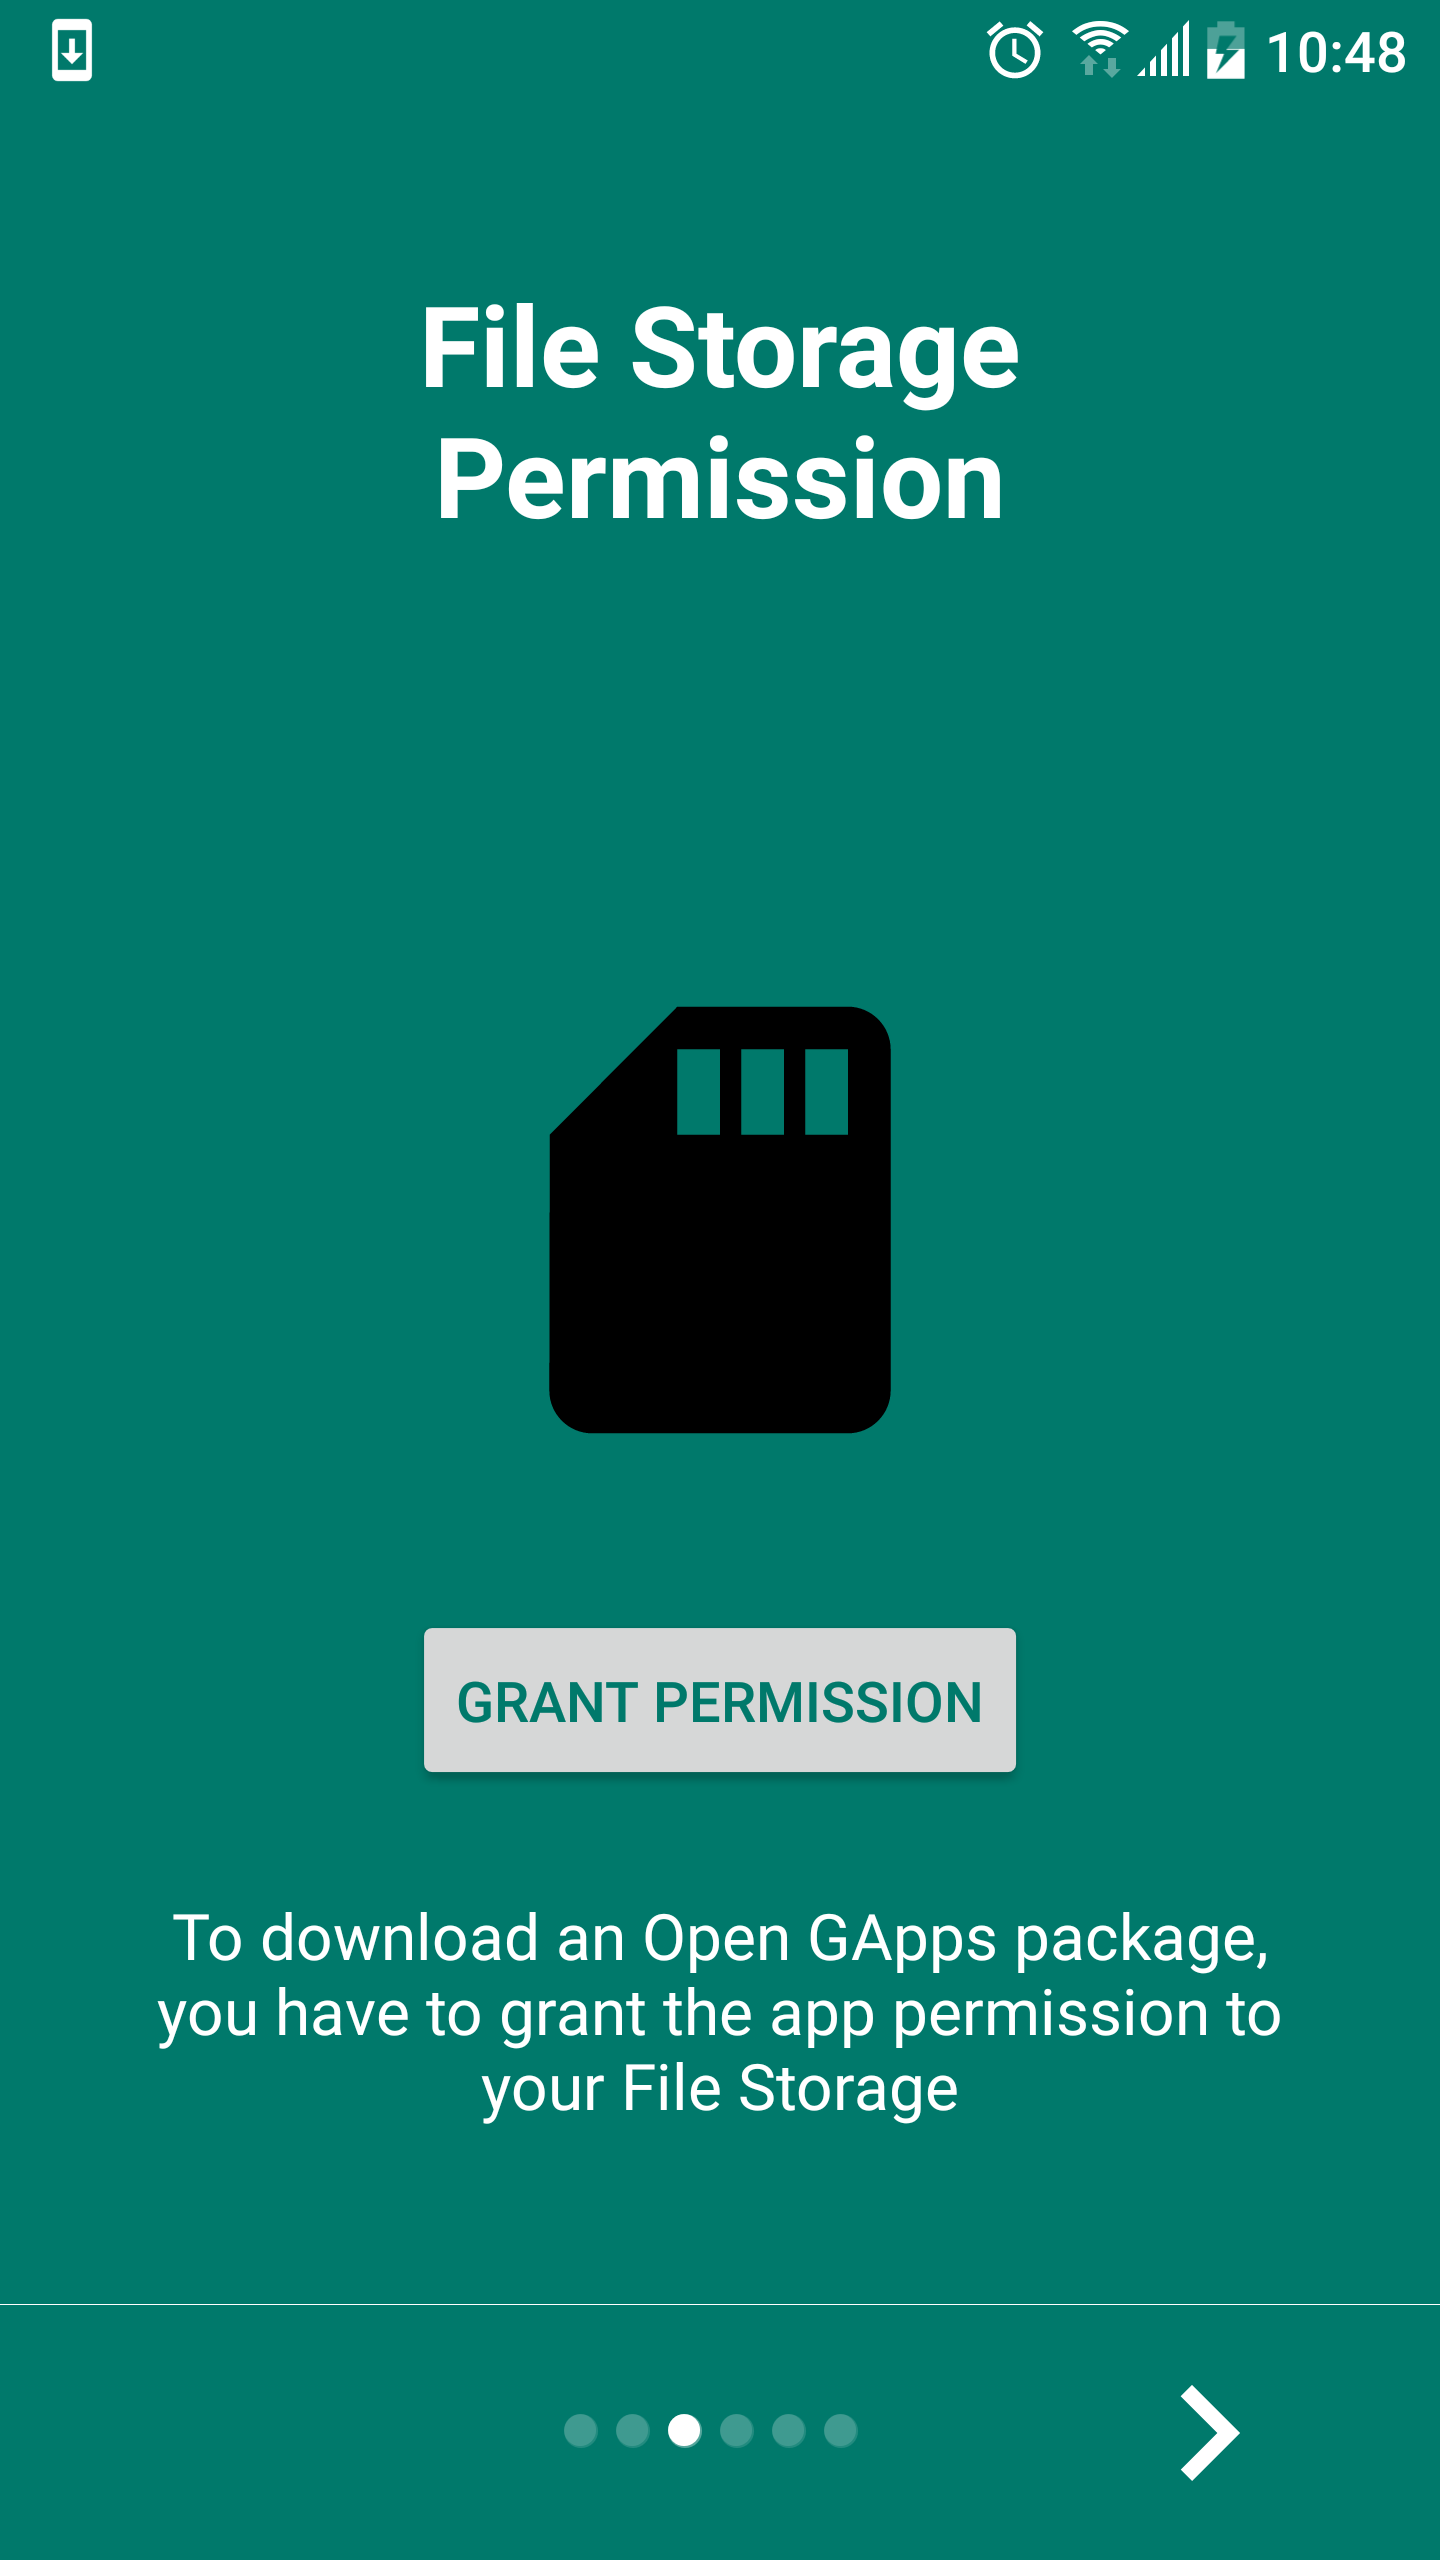 open gapps apk download